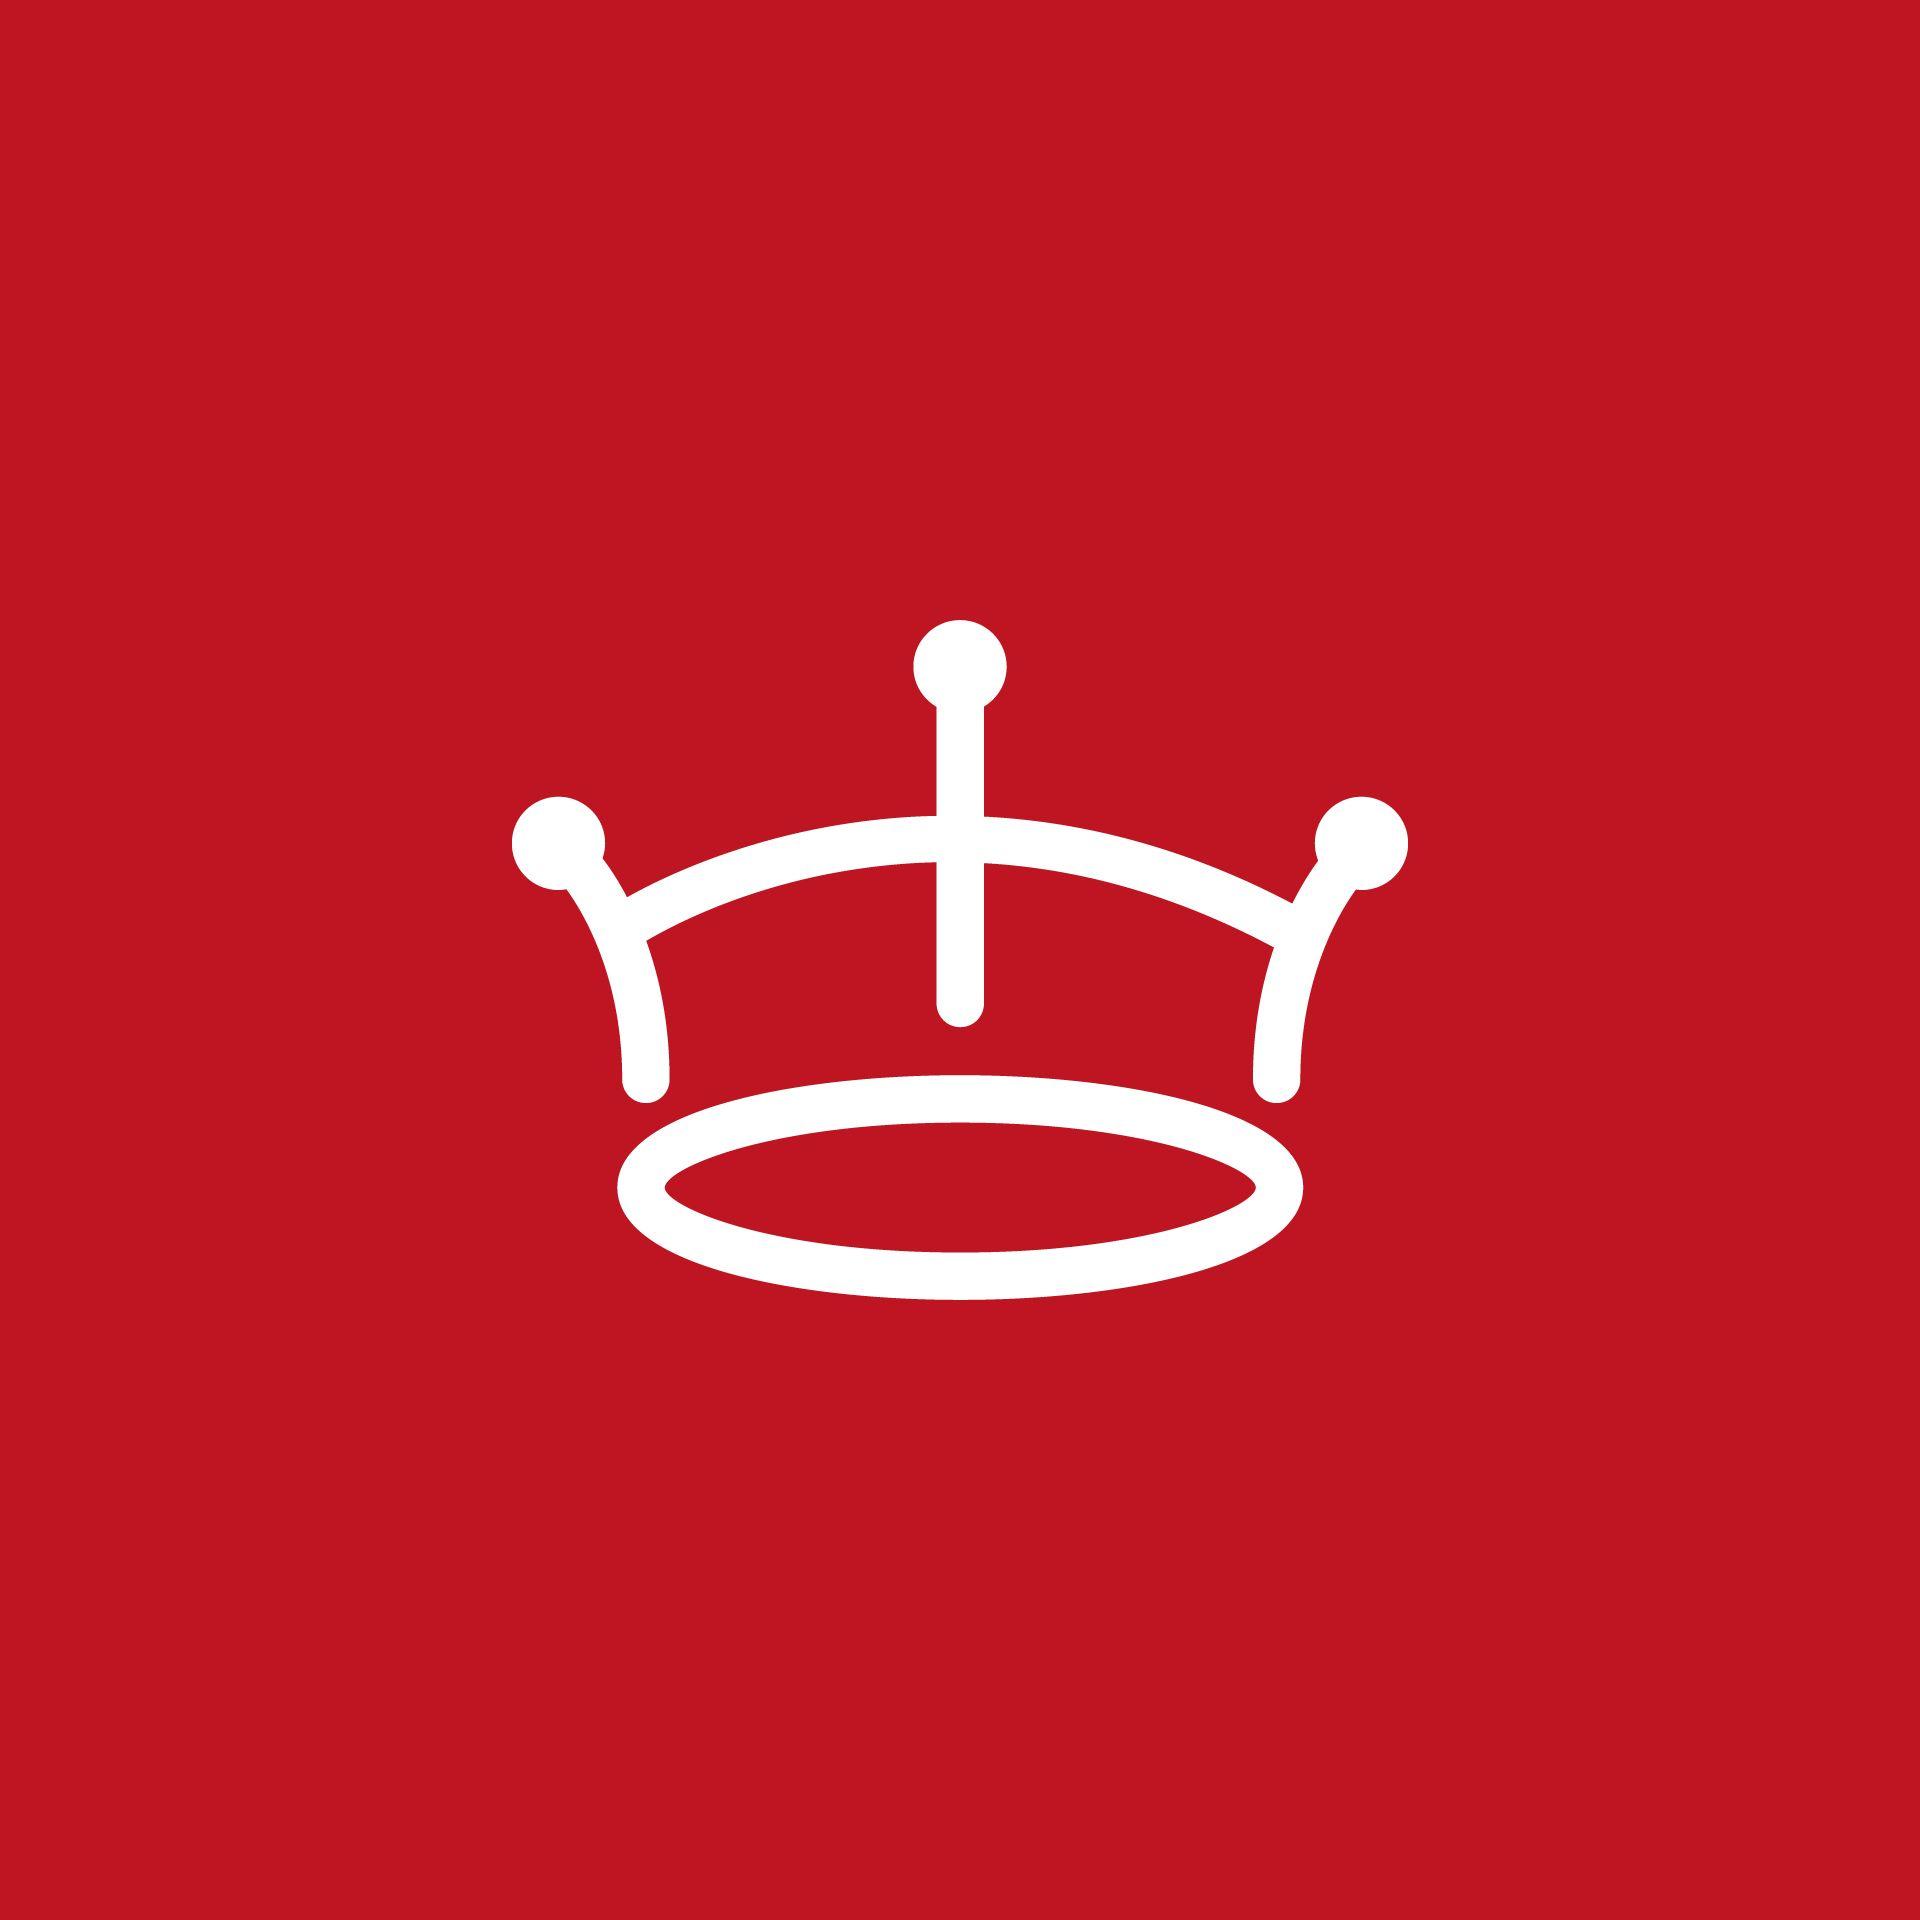 Red crown logo..